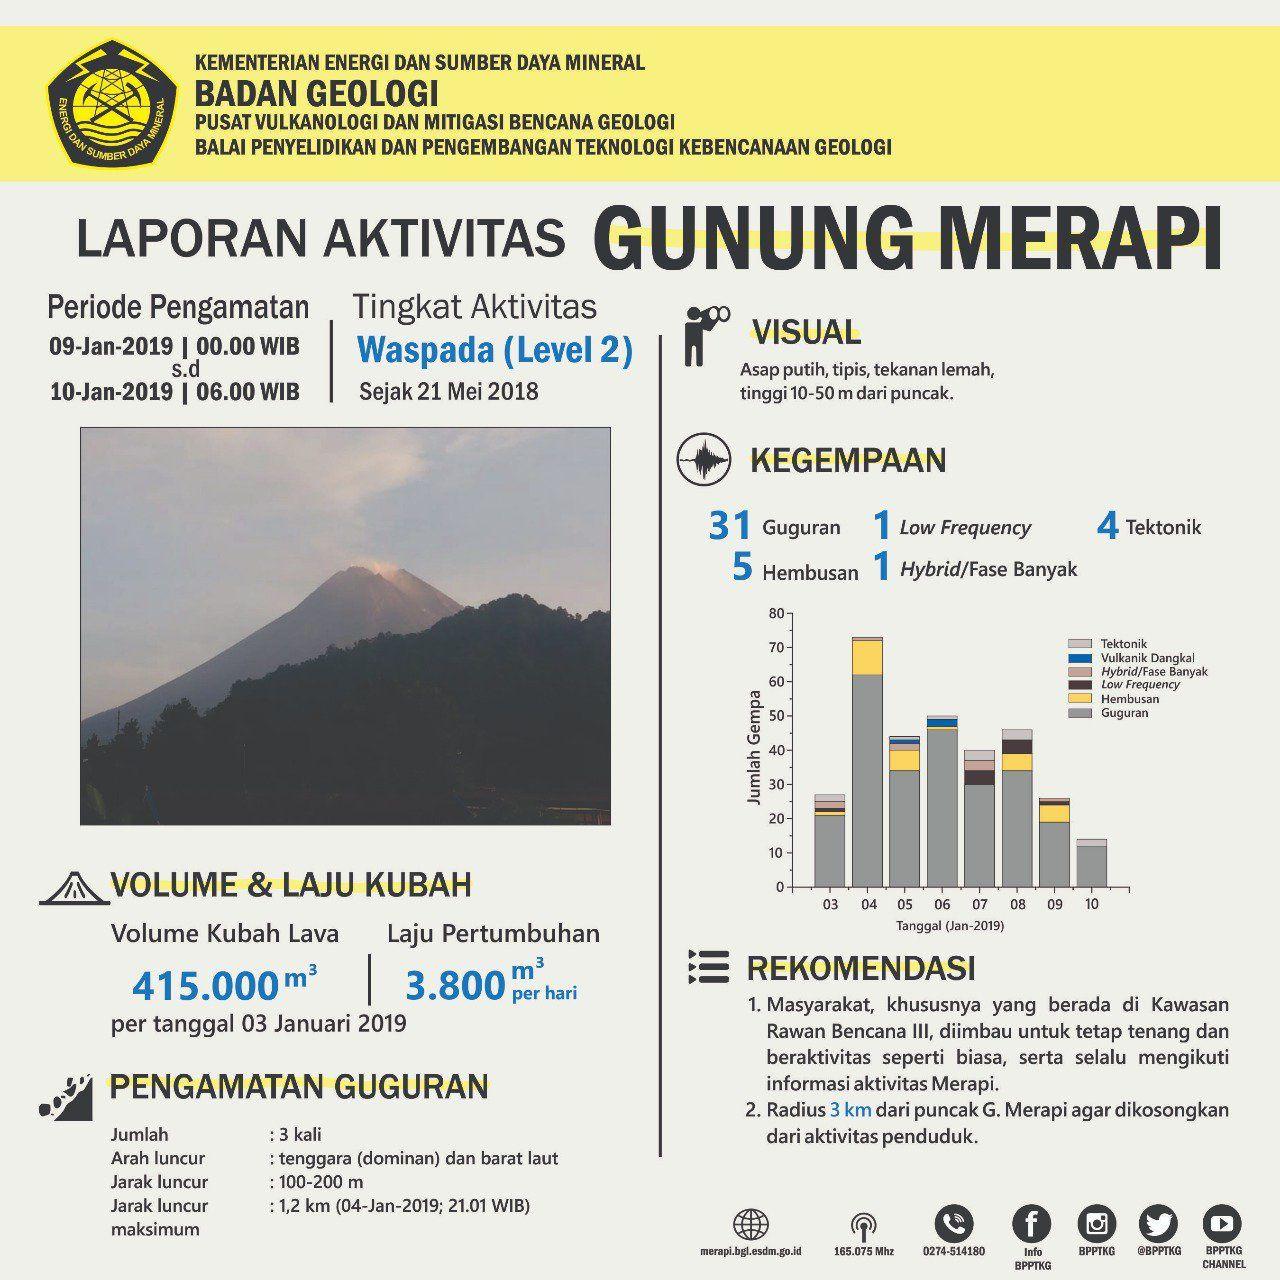 Merapi - tableau d'activité au 10.01.2019 / 6h WIB - Doc. PVMBG